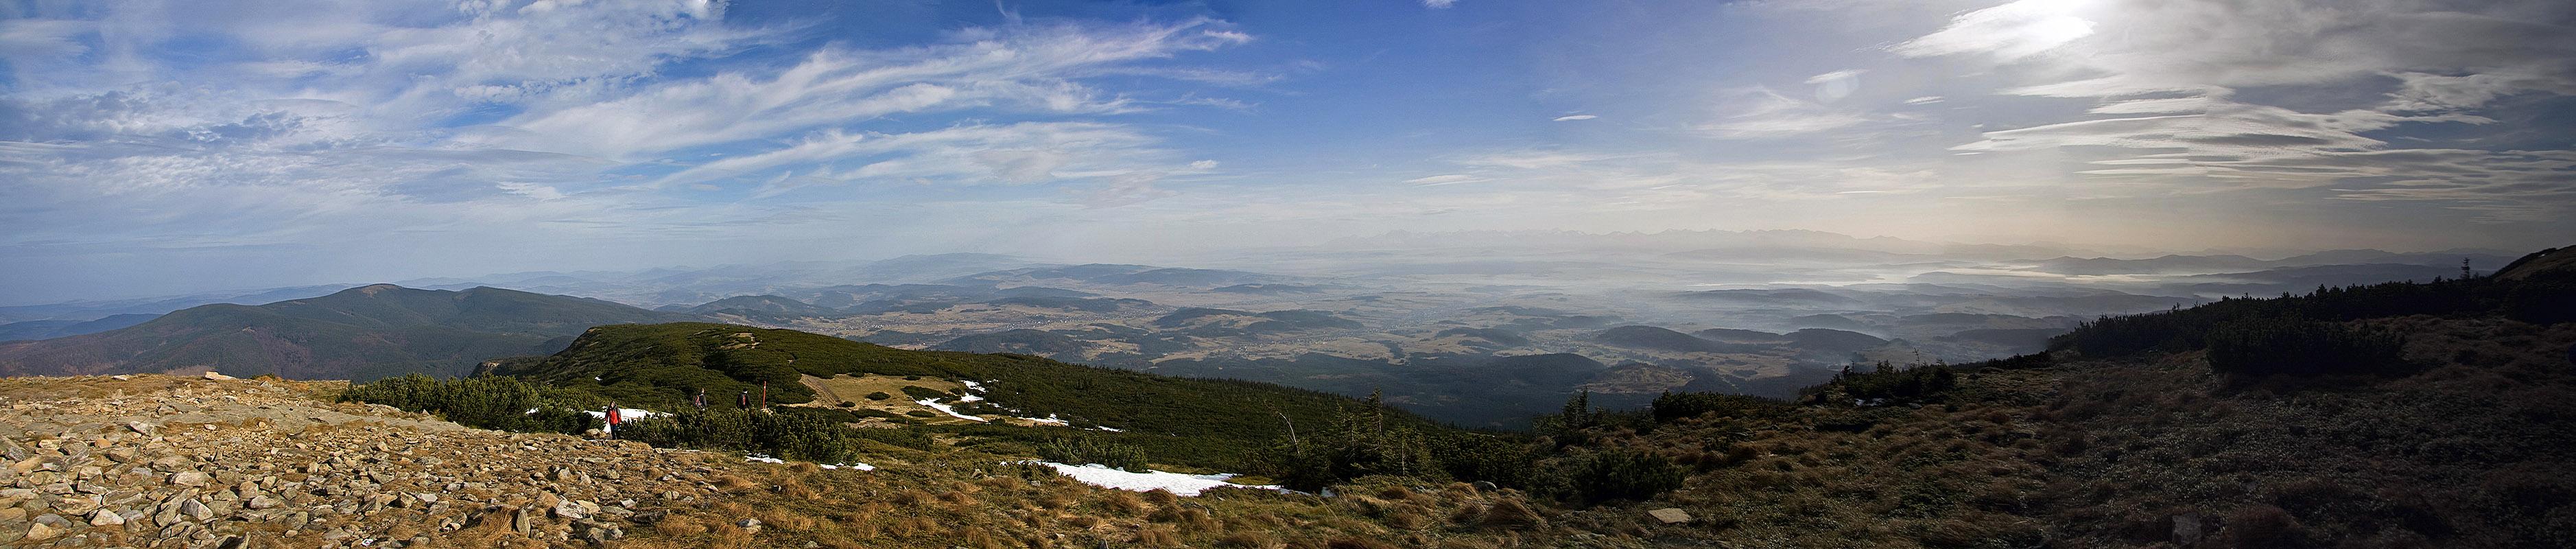 Panorama na wschód